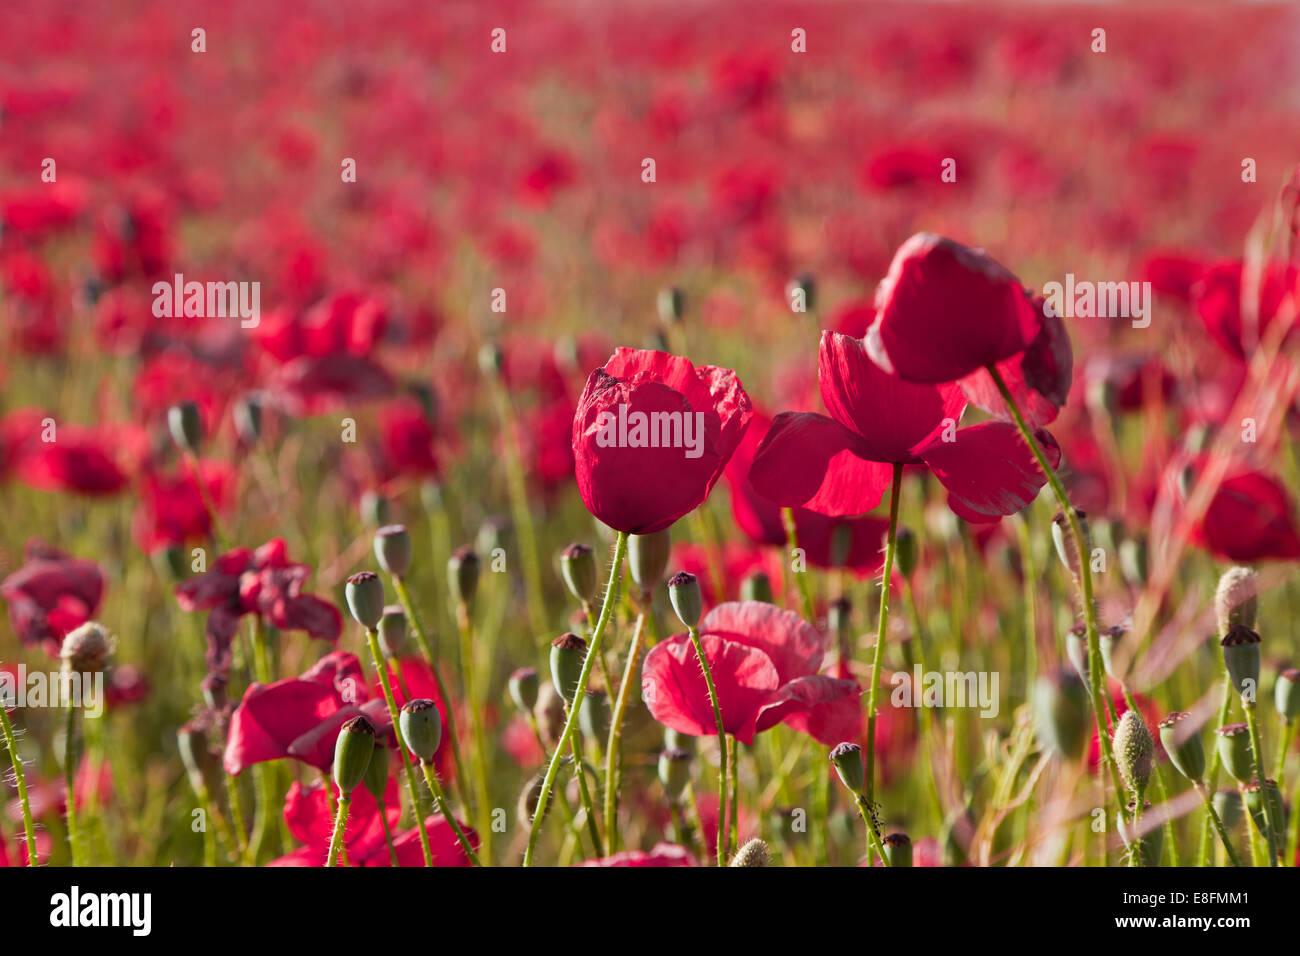 Nahaufnahme von roten Mohnfeld, Andalusien, Spanien Stockbild